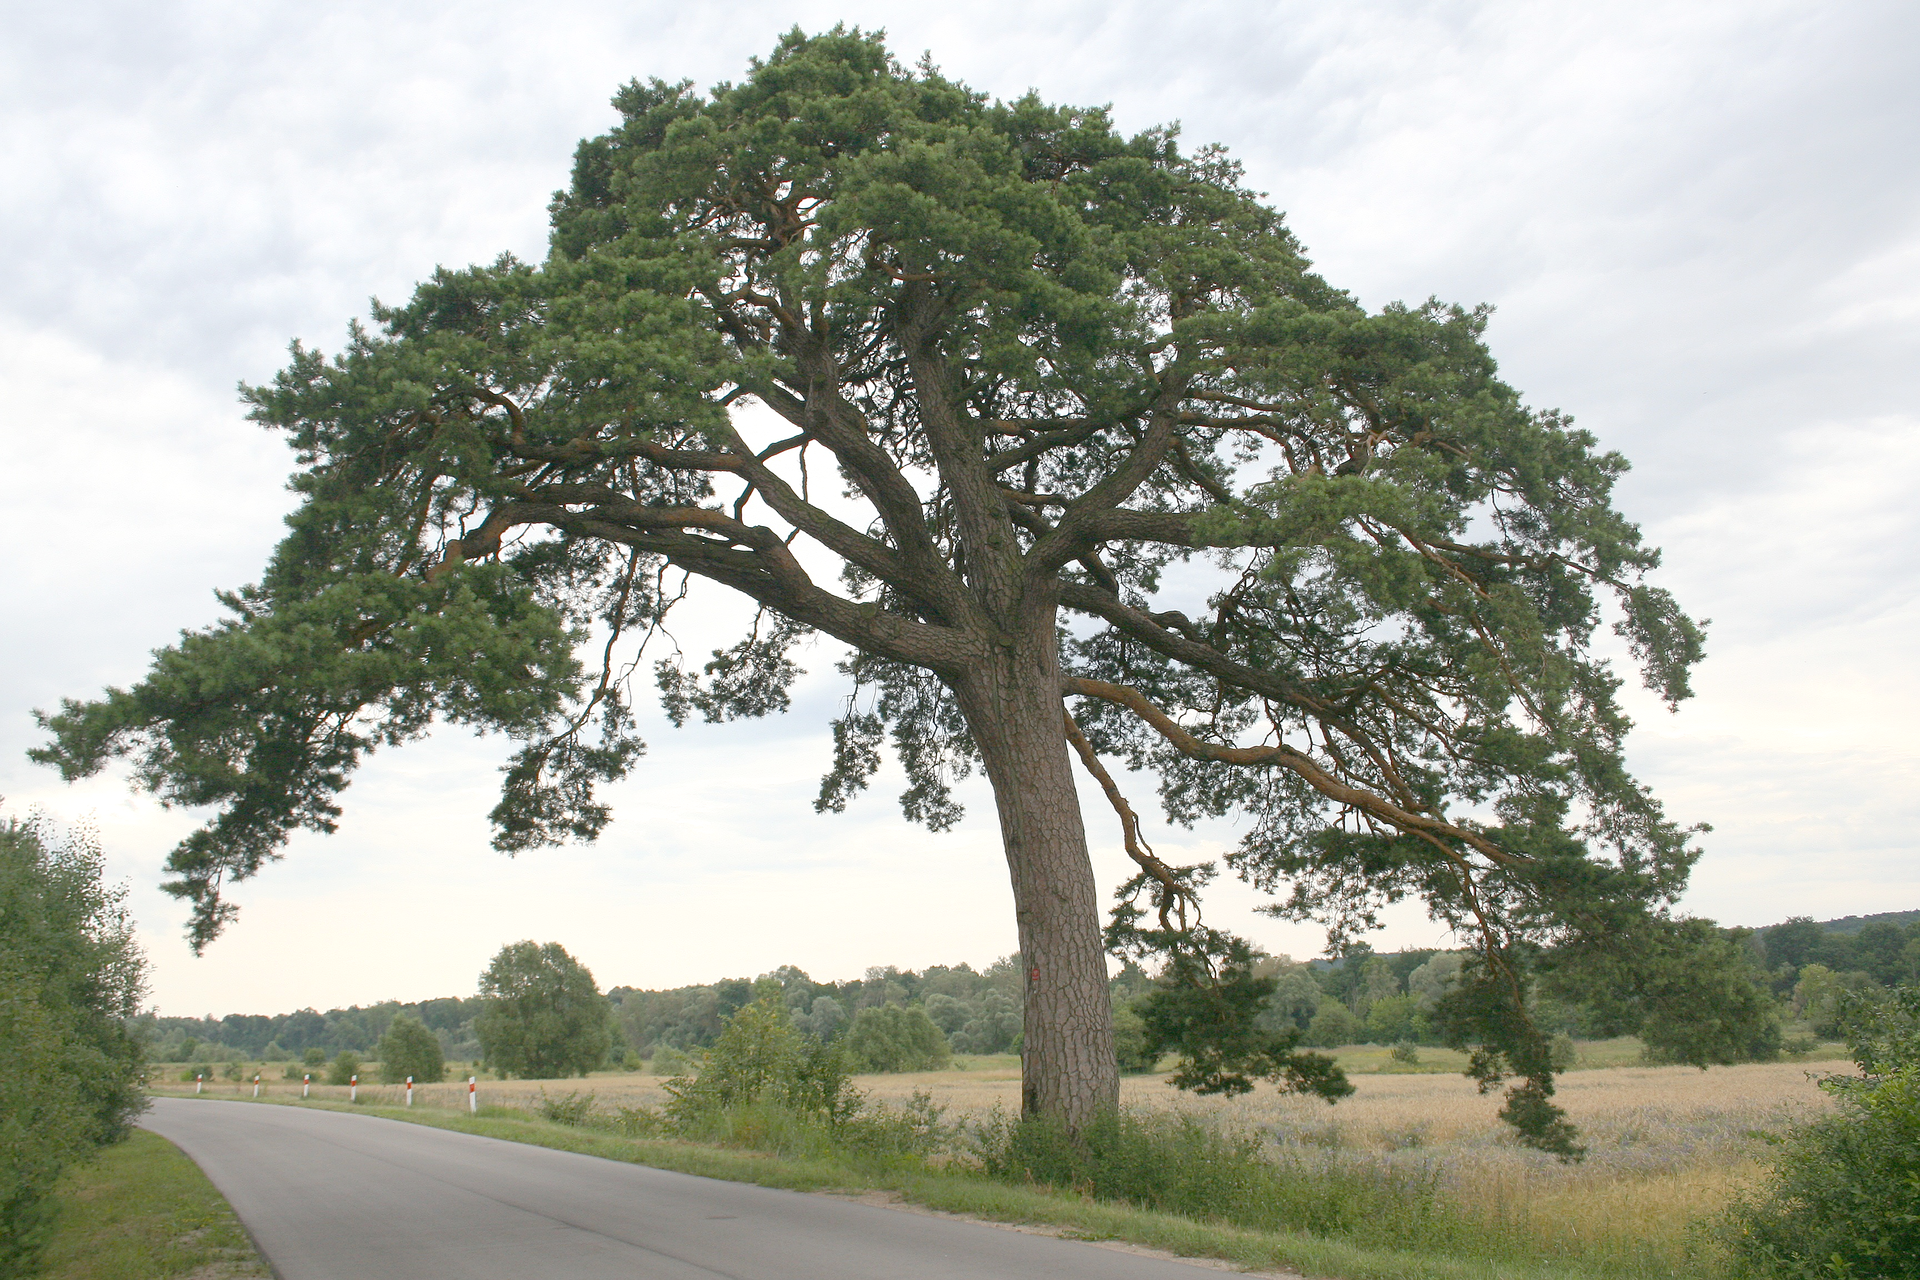 Fotografia przedstawia duże drzewo, rosnące na poboczu przy szosie. Pień jest gruby, lekko wygięty ima jasno brązową korę. Ugóry kilka grubych konarów zzielonymi liśćmi wformie igieł na końcach. Obok krzewy, wdali inne drzewa. Ziemia okryta trawami.